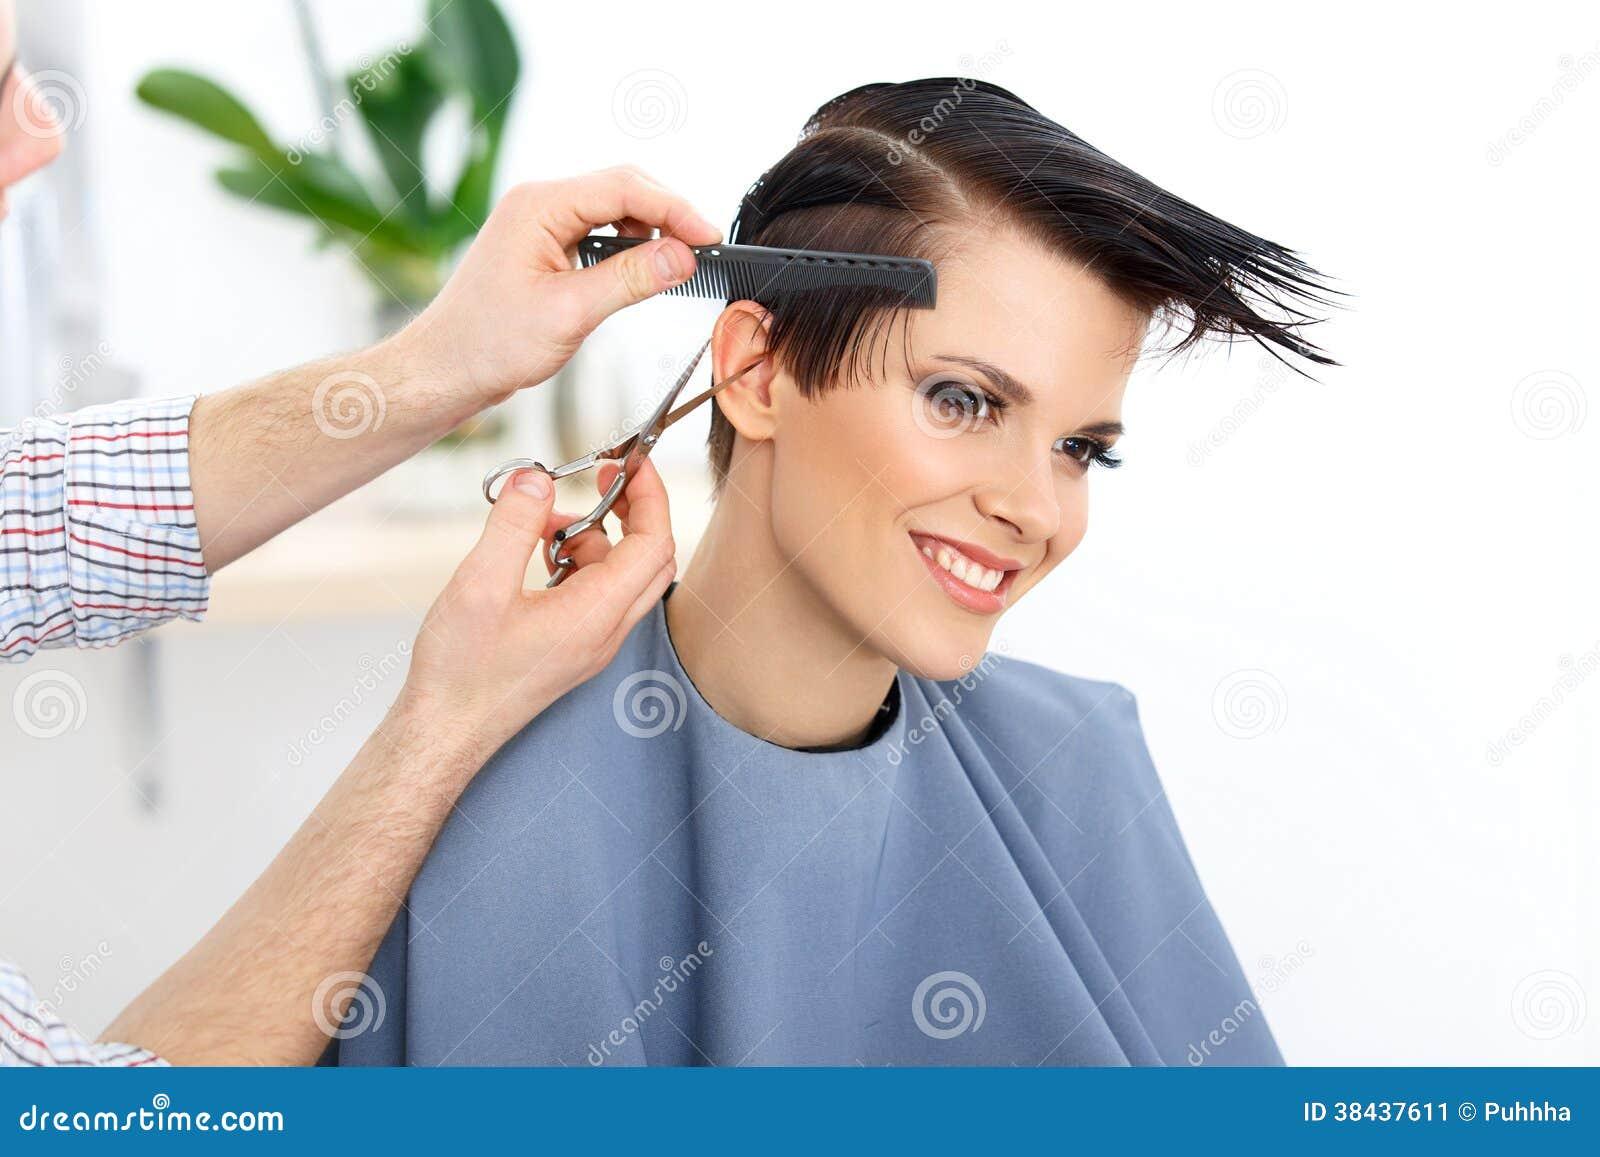 Bruin Haar. Het Haar van kappercutting woman in Schoonheidssalon. Ha